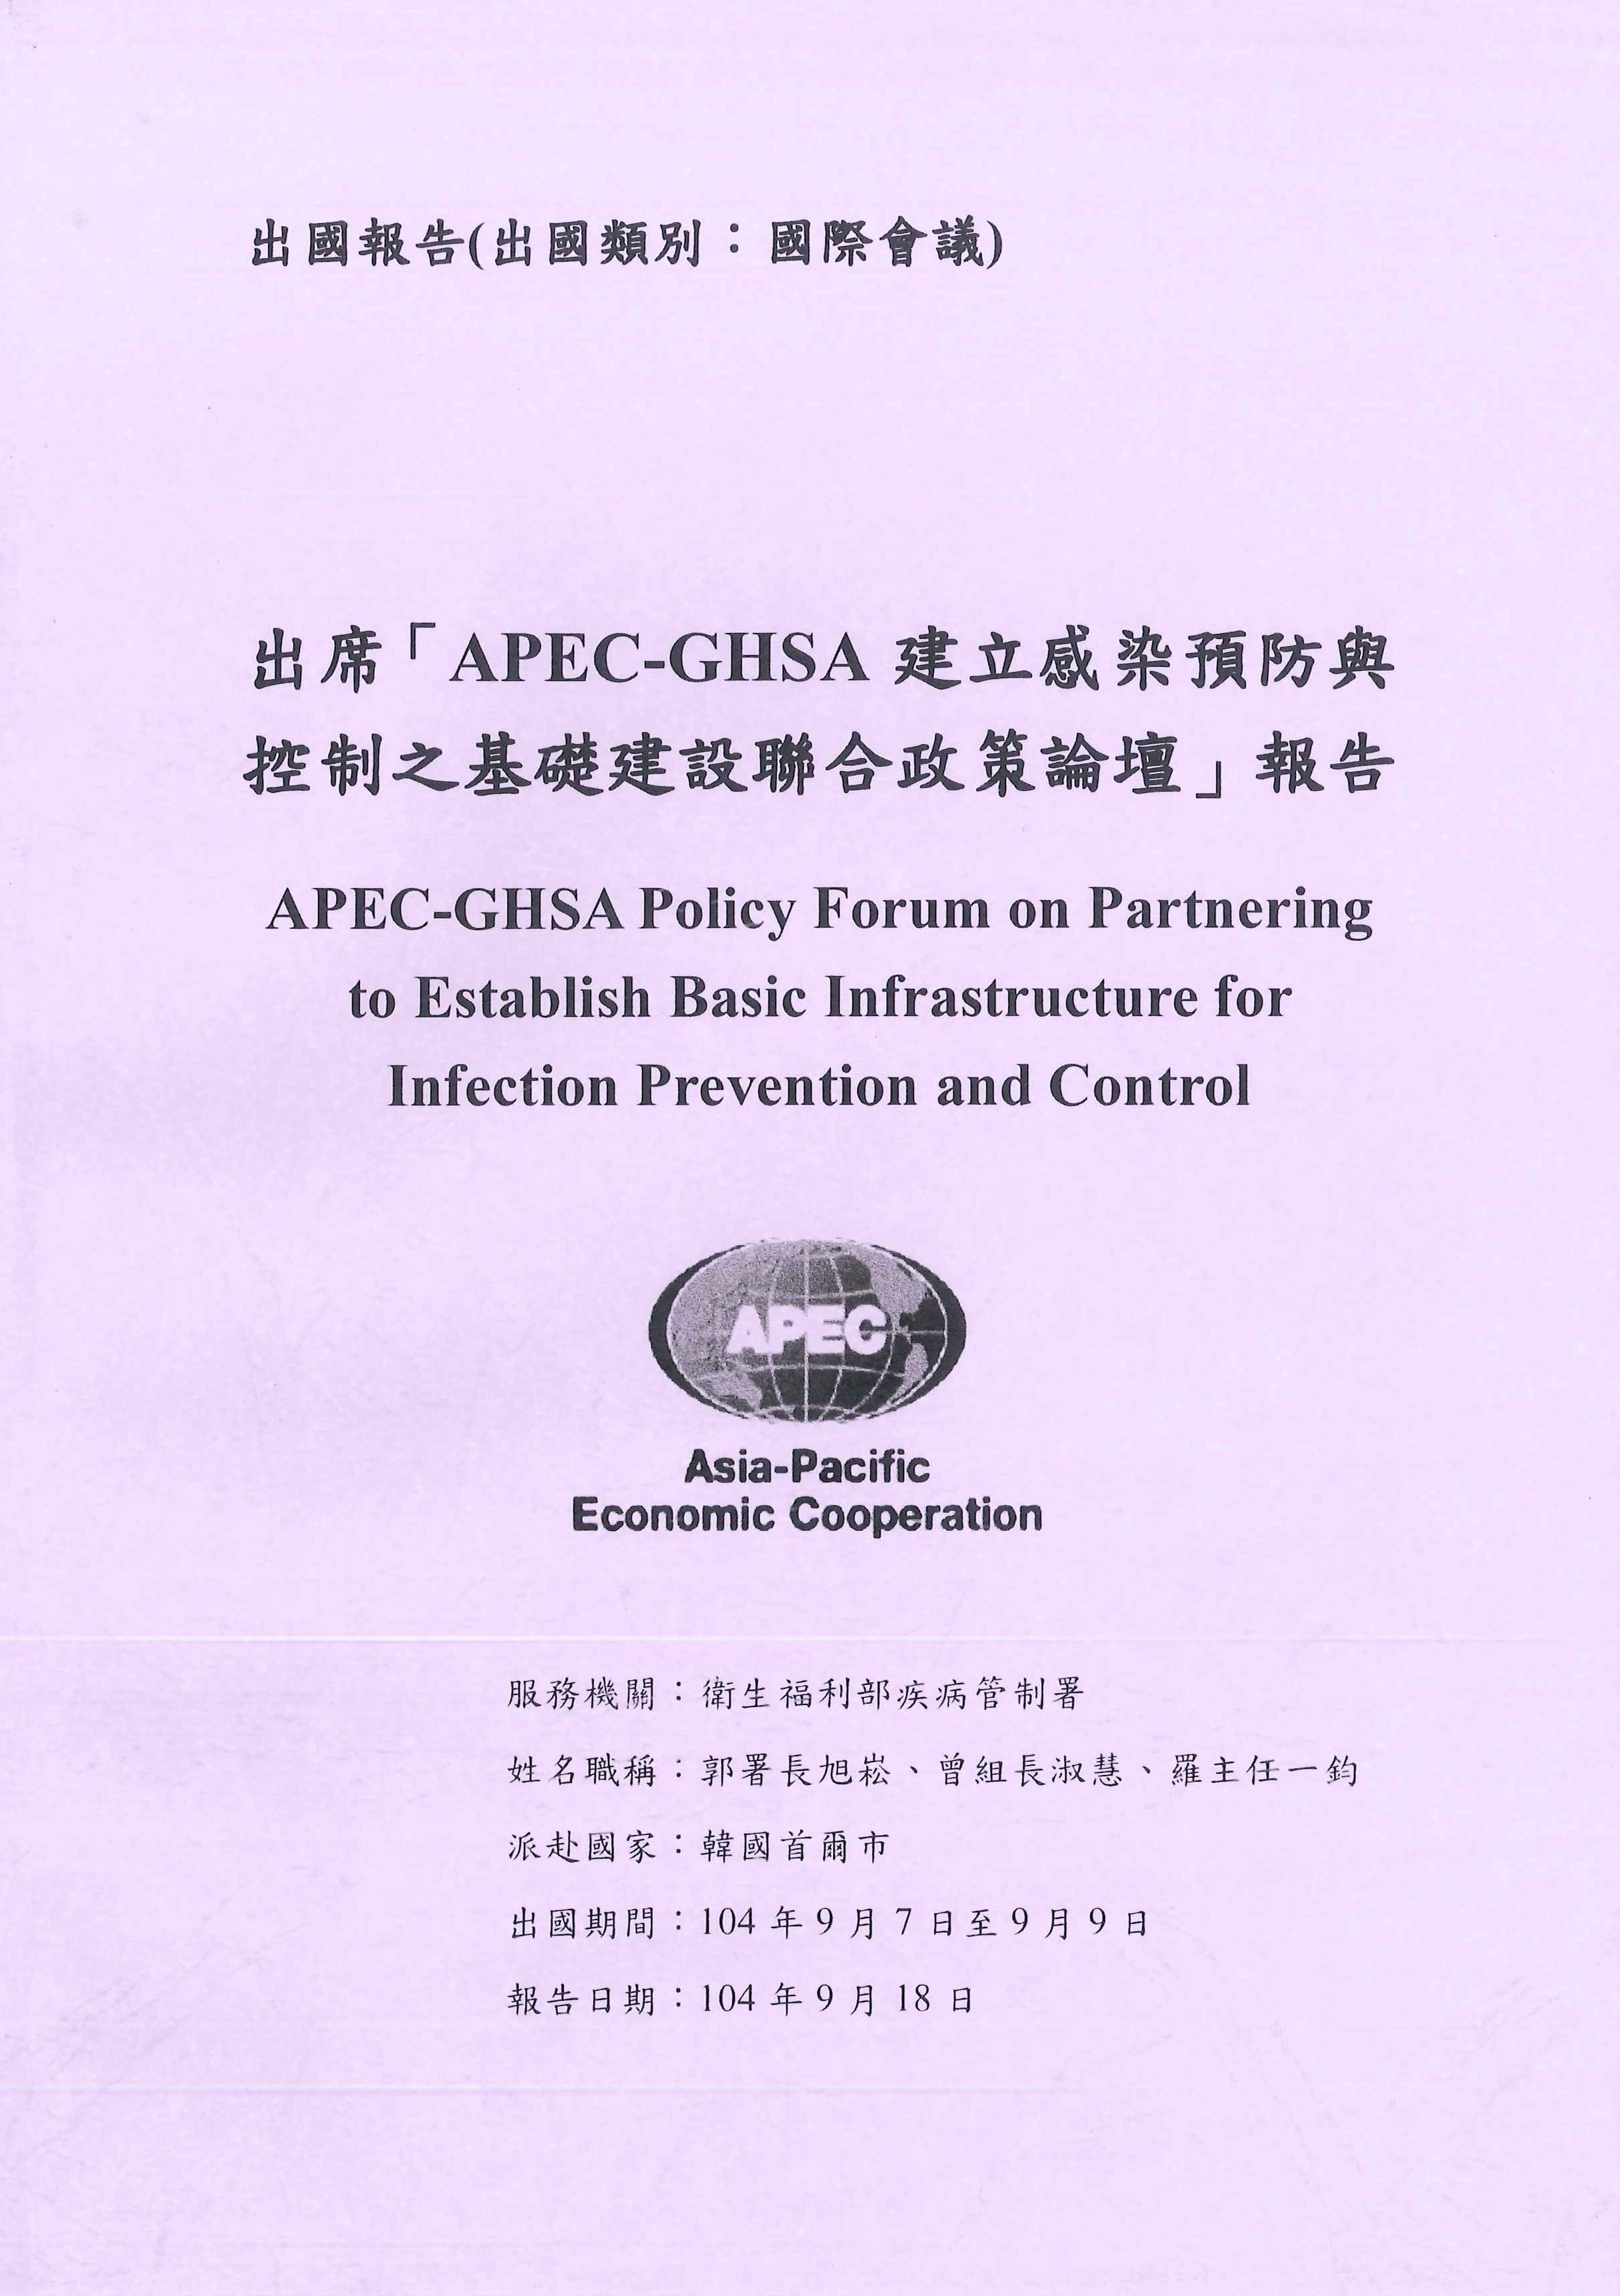 出席「APEC-GHSA建立感染預防與控制之基礎建設聯合政策論壇」報告=APEC-GHSA policy forum on partnering to establish basic infrastructure for infection prevention and control